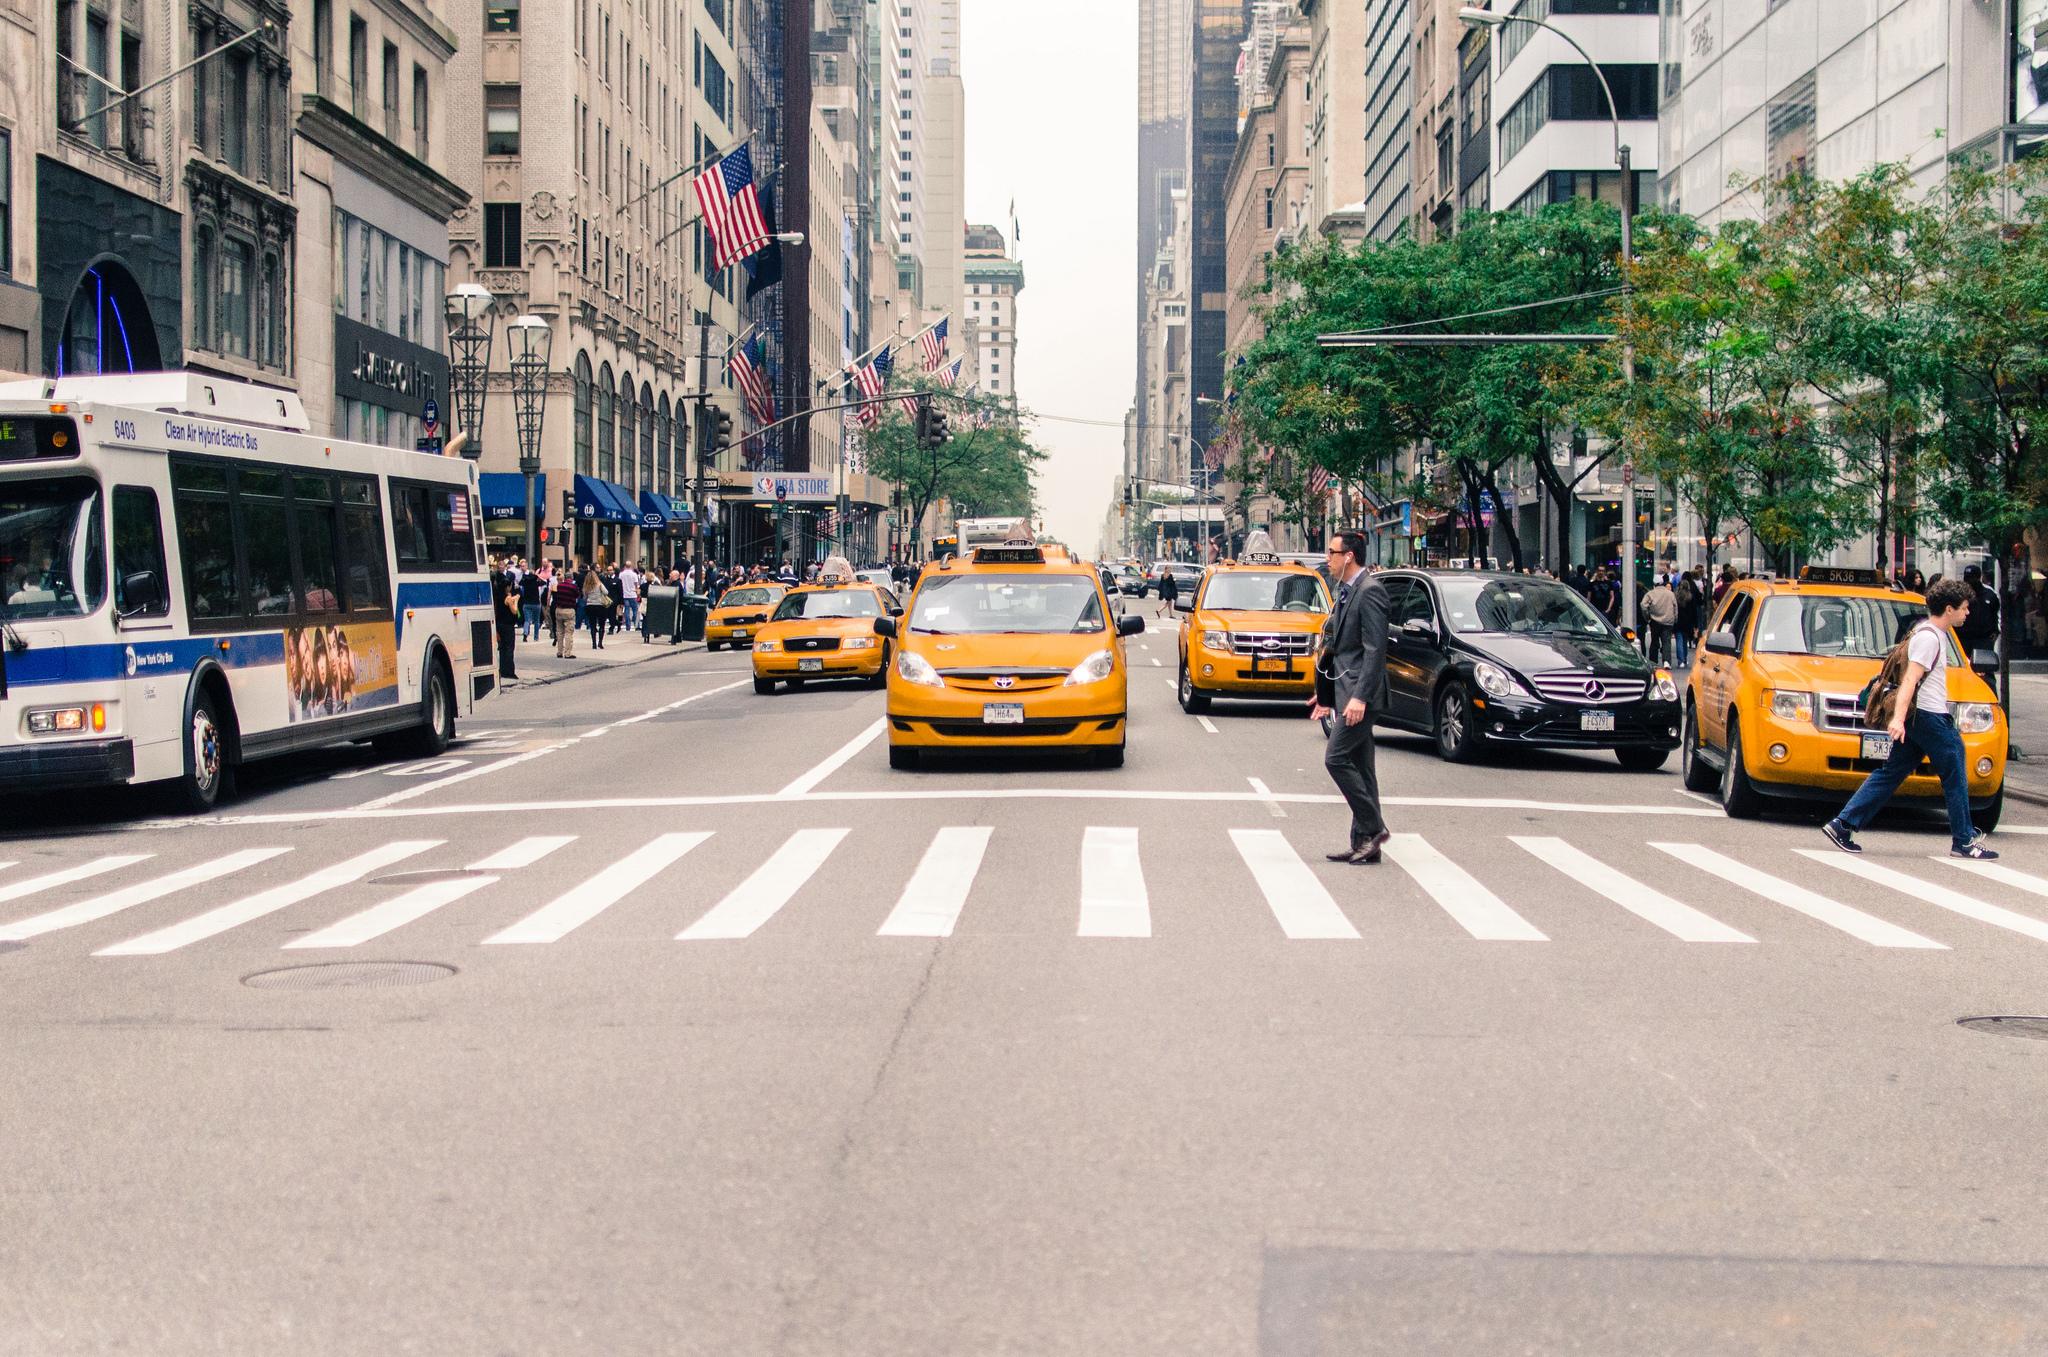 Homem atravessa a rua na faixa de pedestres em avenida de Nova York